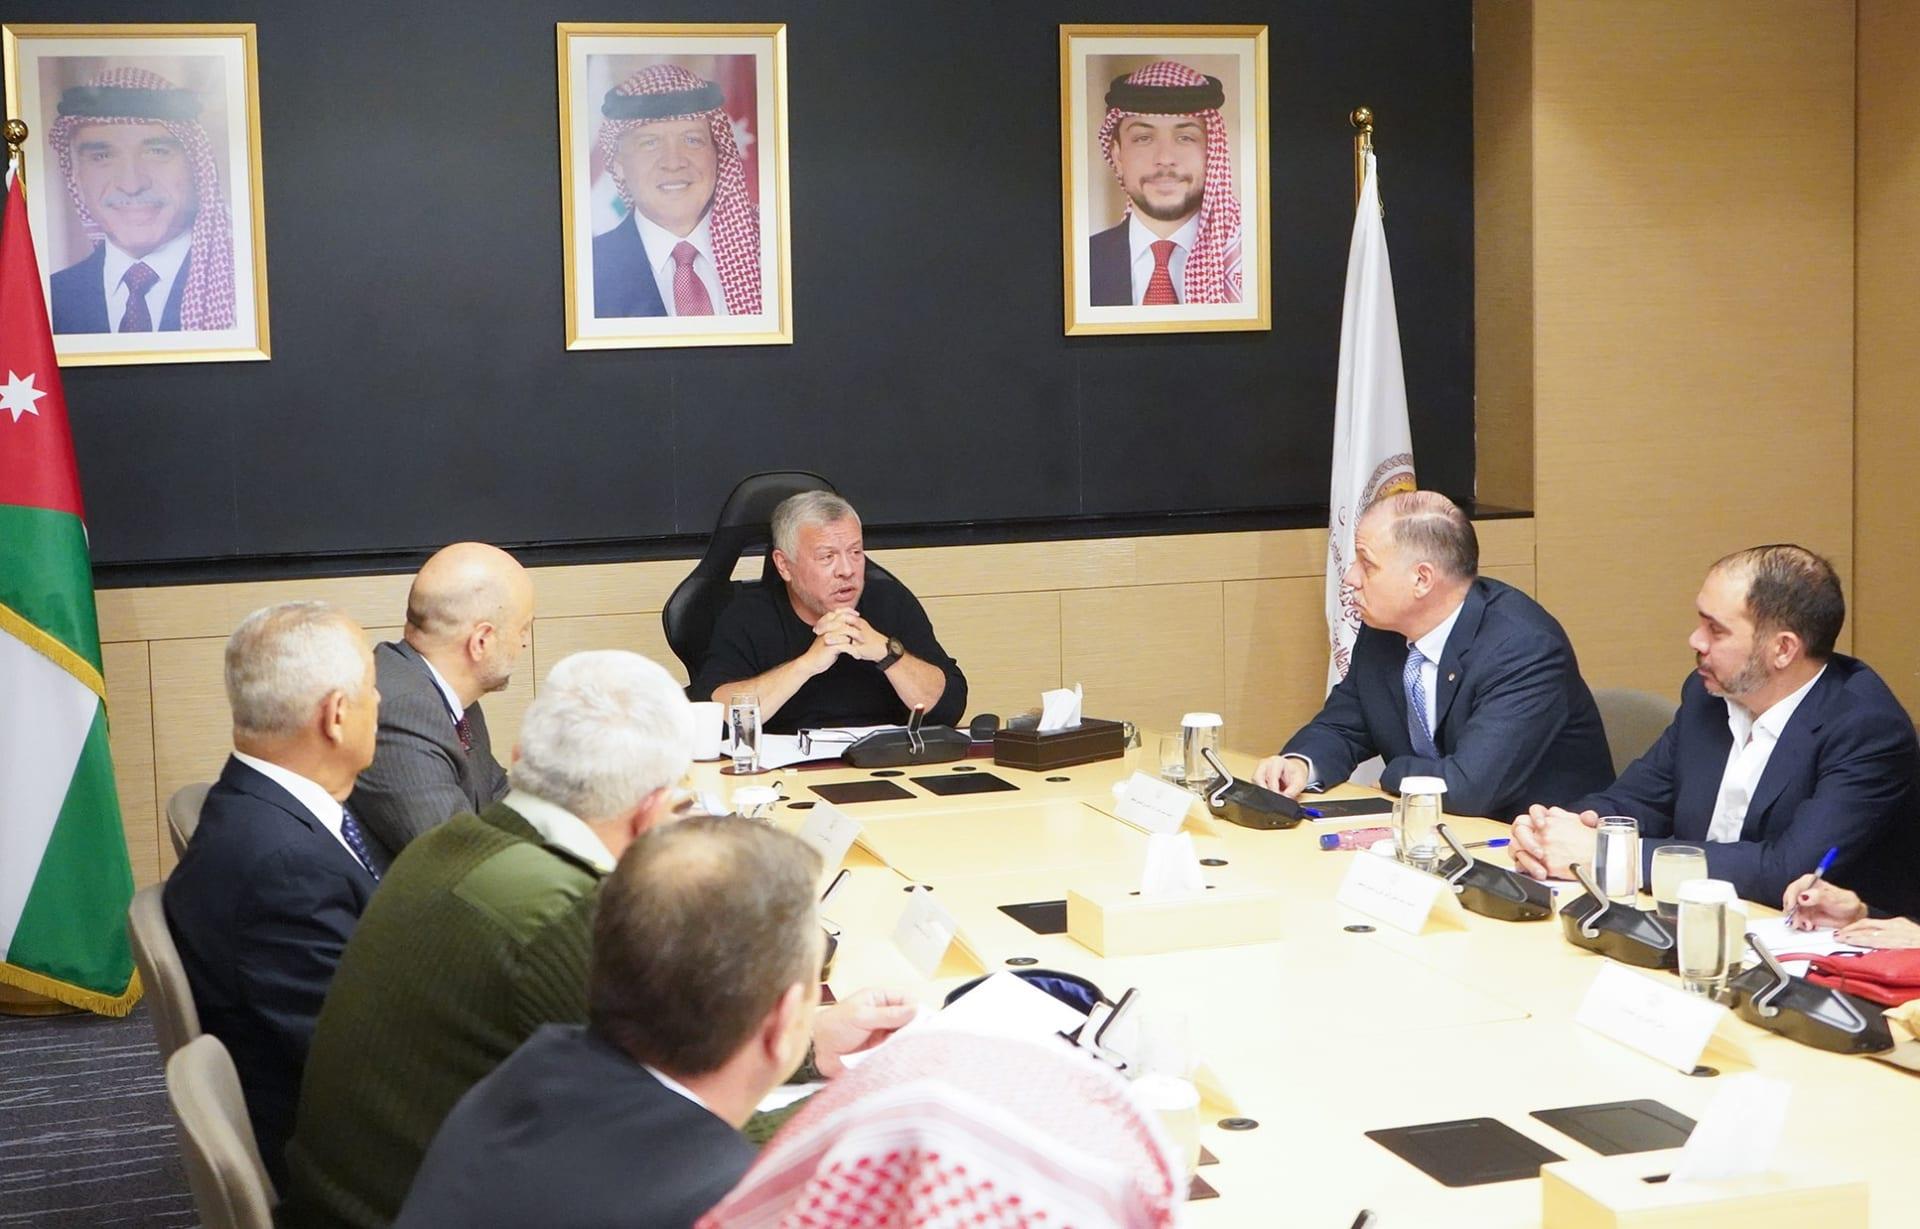 """مصادر لـCNN: العاهل الأردني أجري فحص كورونا.. وهكذا صافح الملك حضور """"إدارة الأزمات"""""""